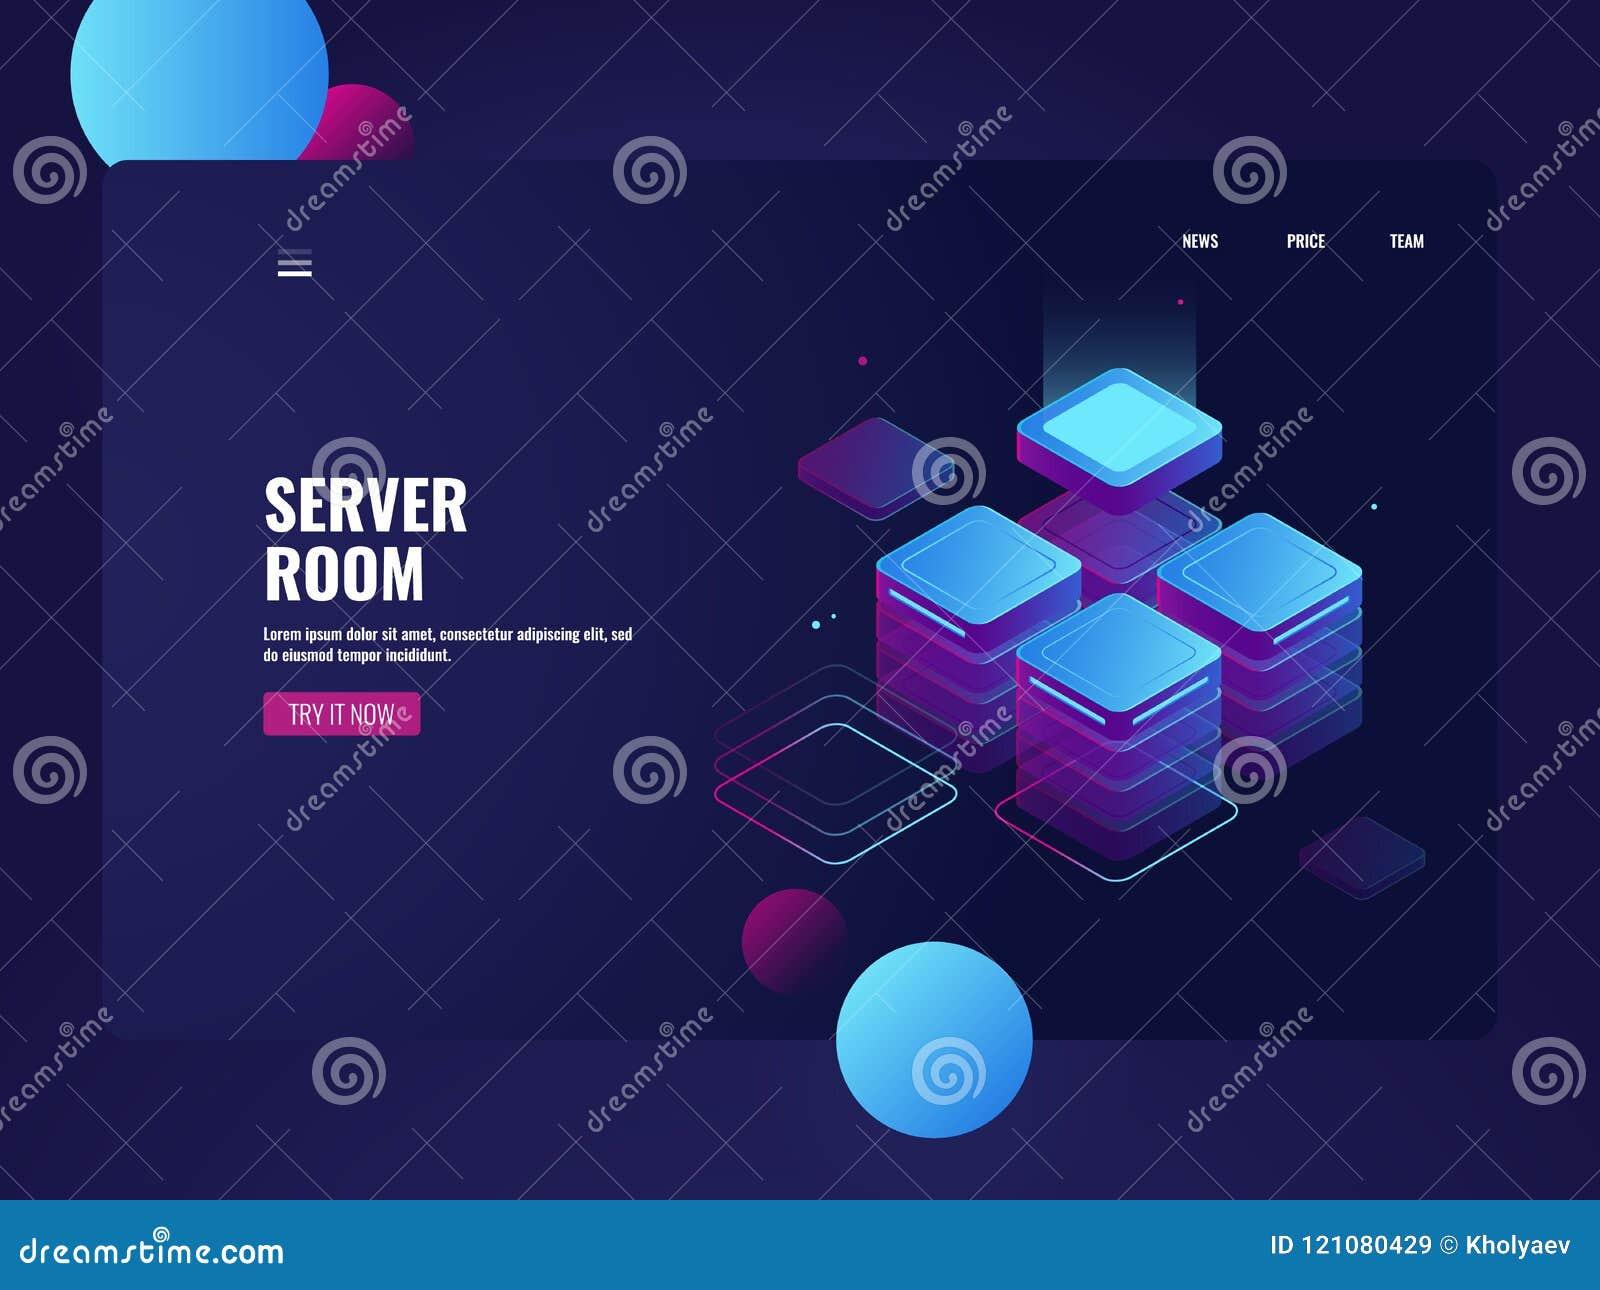 Sala do servidor de rede e vetor isométrico do datacenter, armazenamento de dados da nuvem, processando dados grandes, objeto da